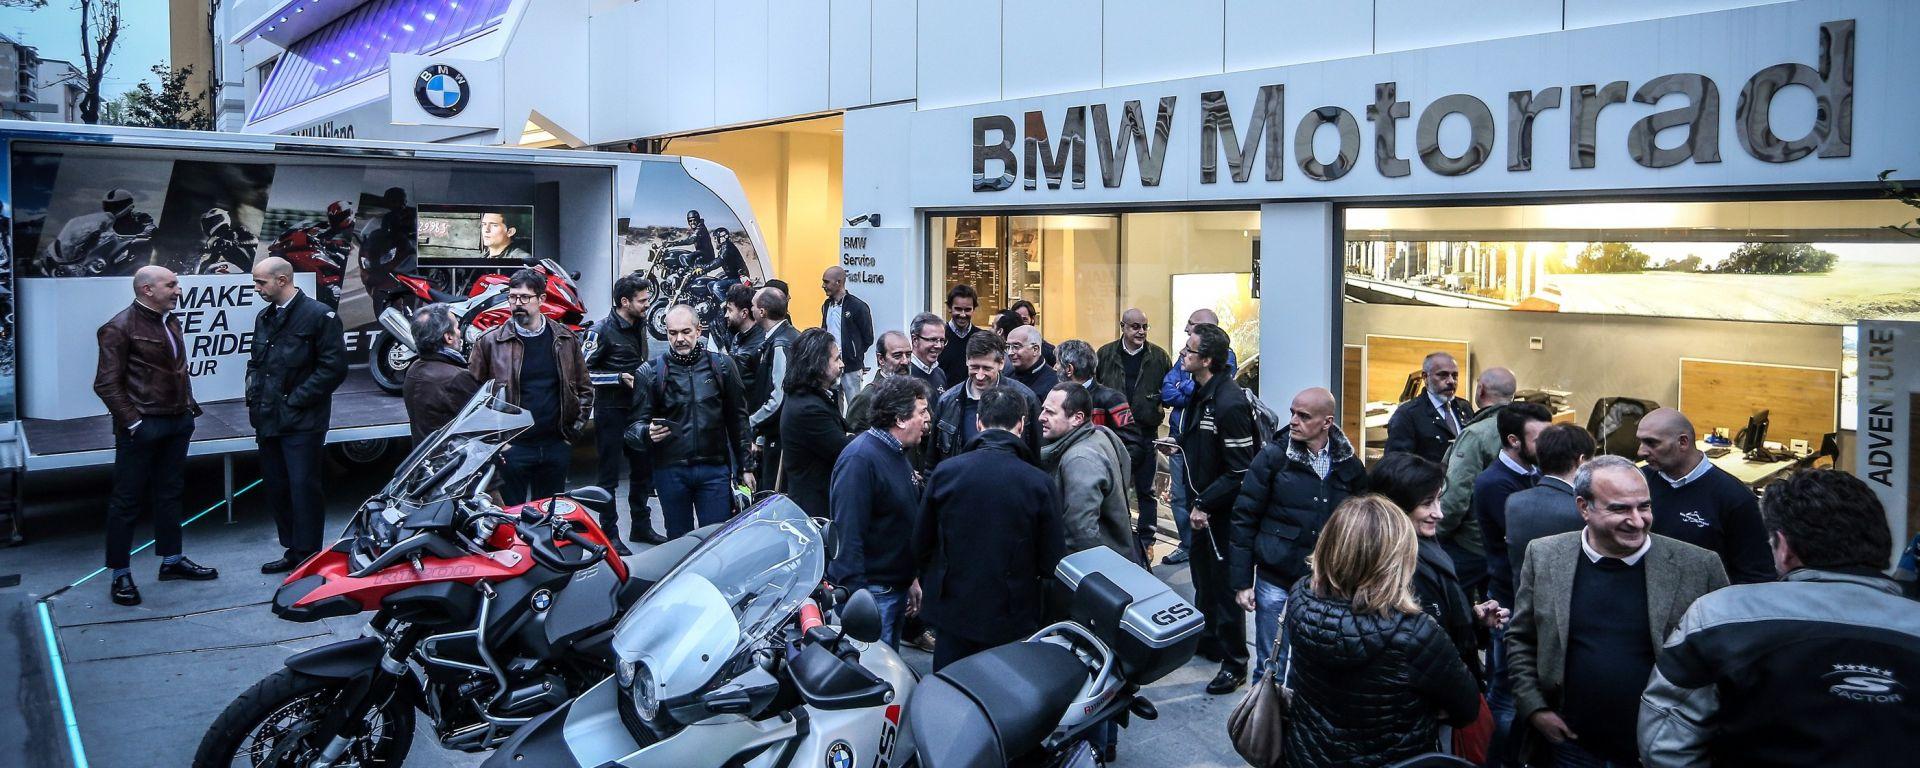 BMW: al via il Make Life a Ride Tour 2016